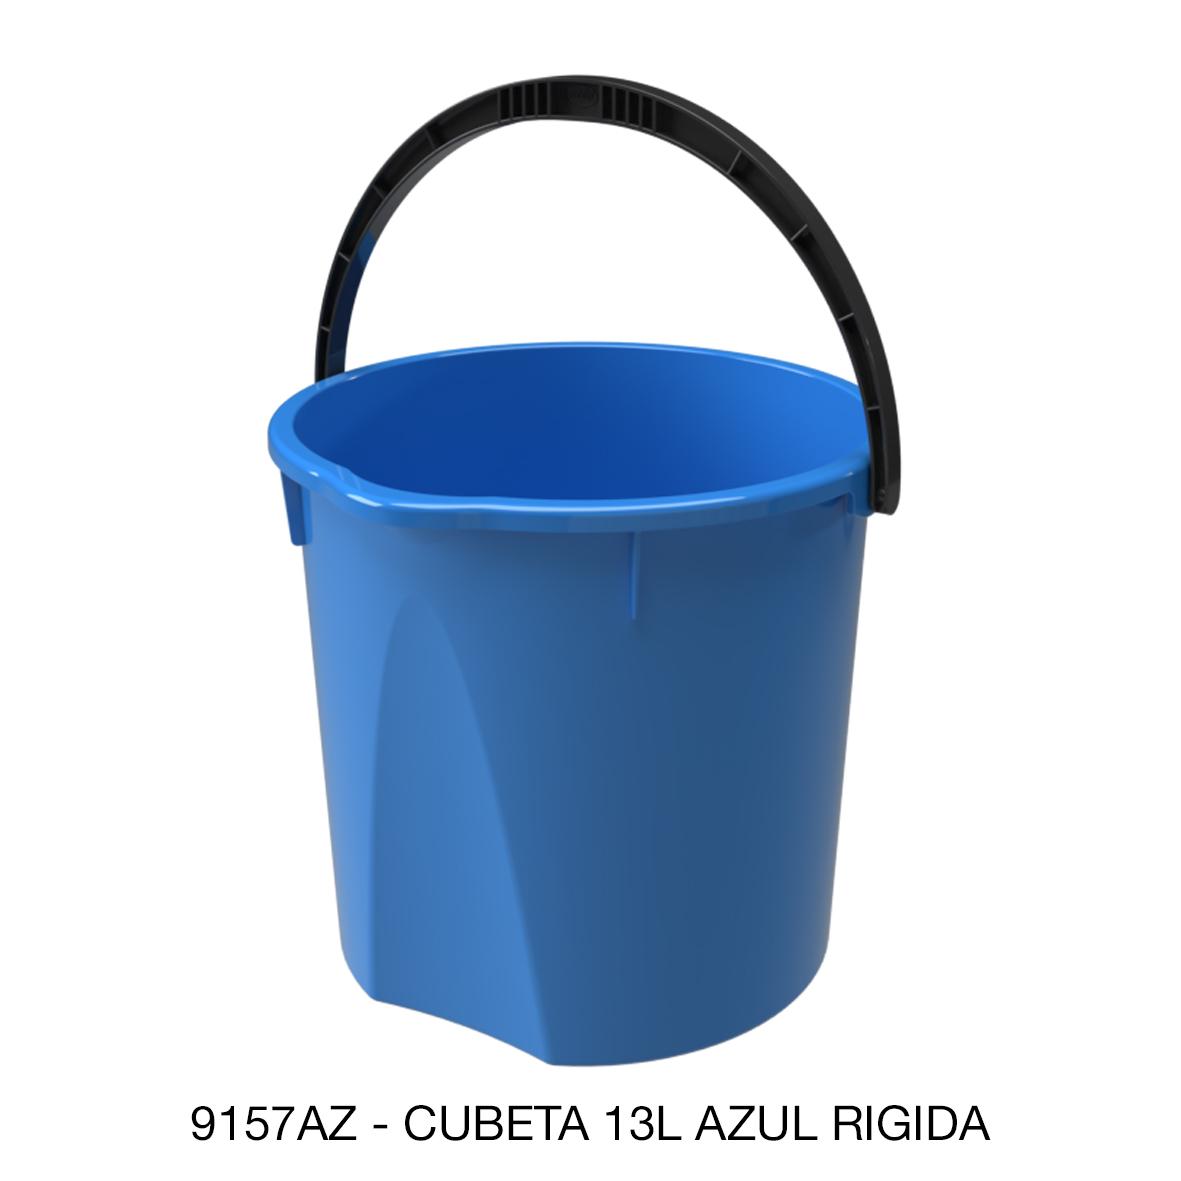 Cubeta rígida de 13 litros color azul modelo 9157AZ de Sablón